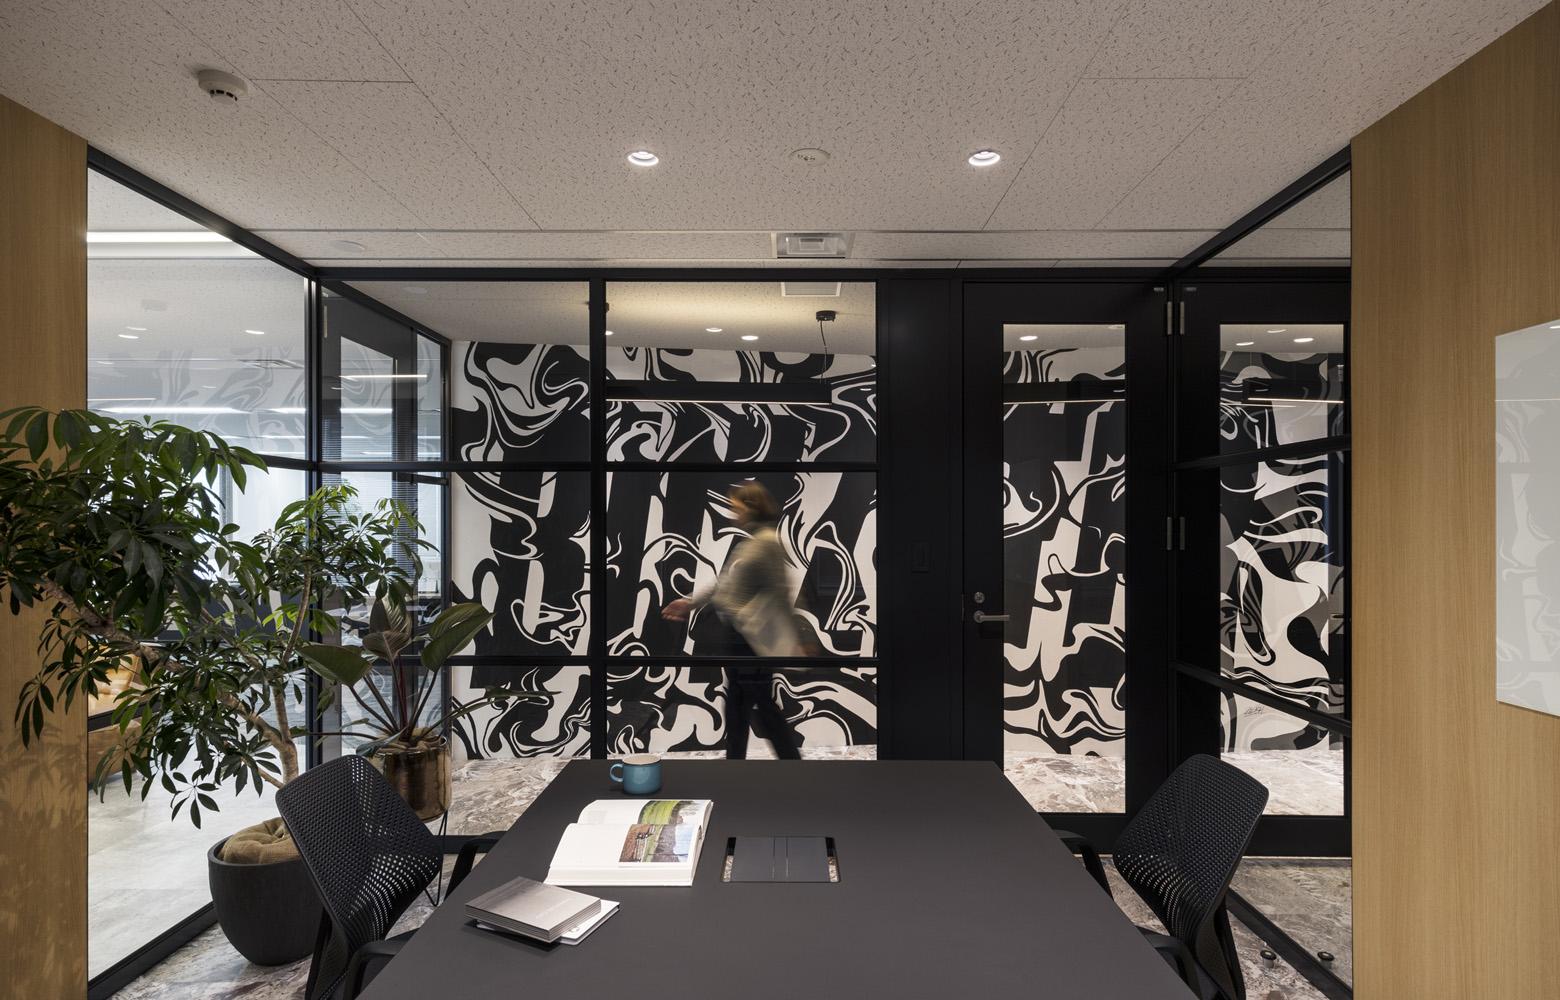 株式会社バズったー Meeting Room デザイン・レイアウト事例